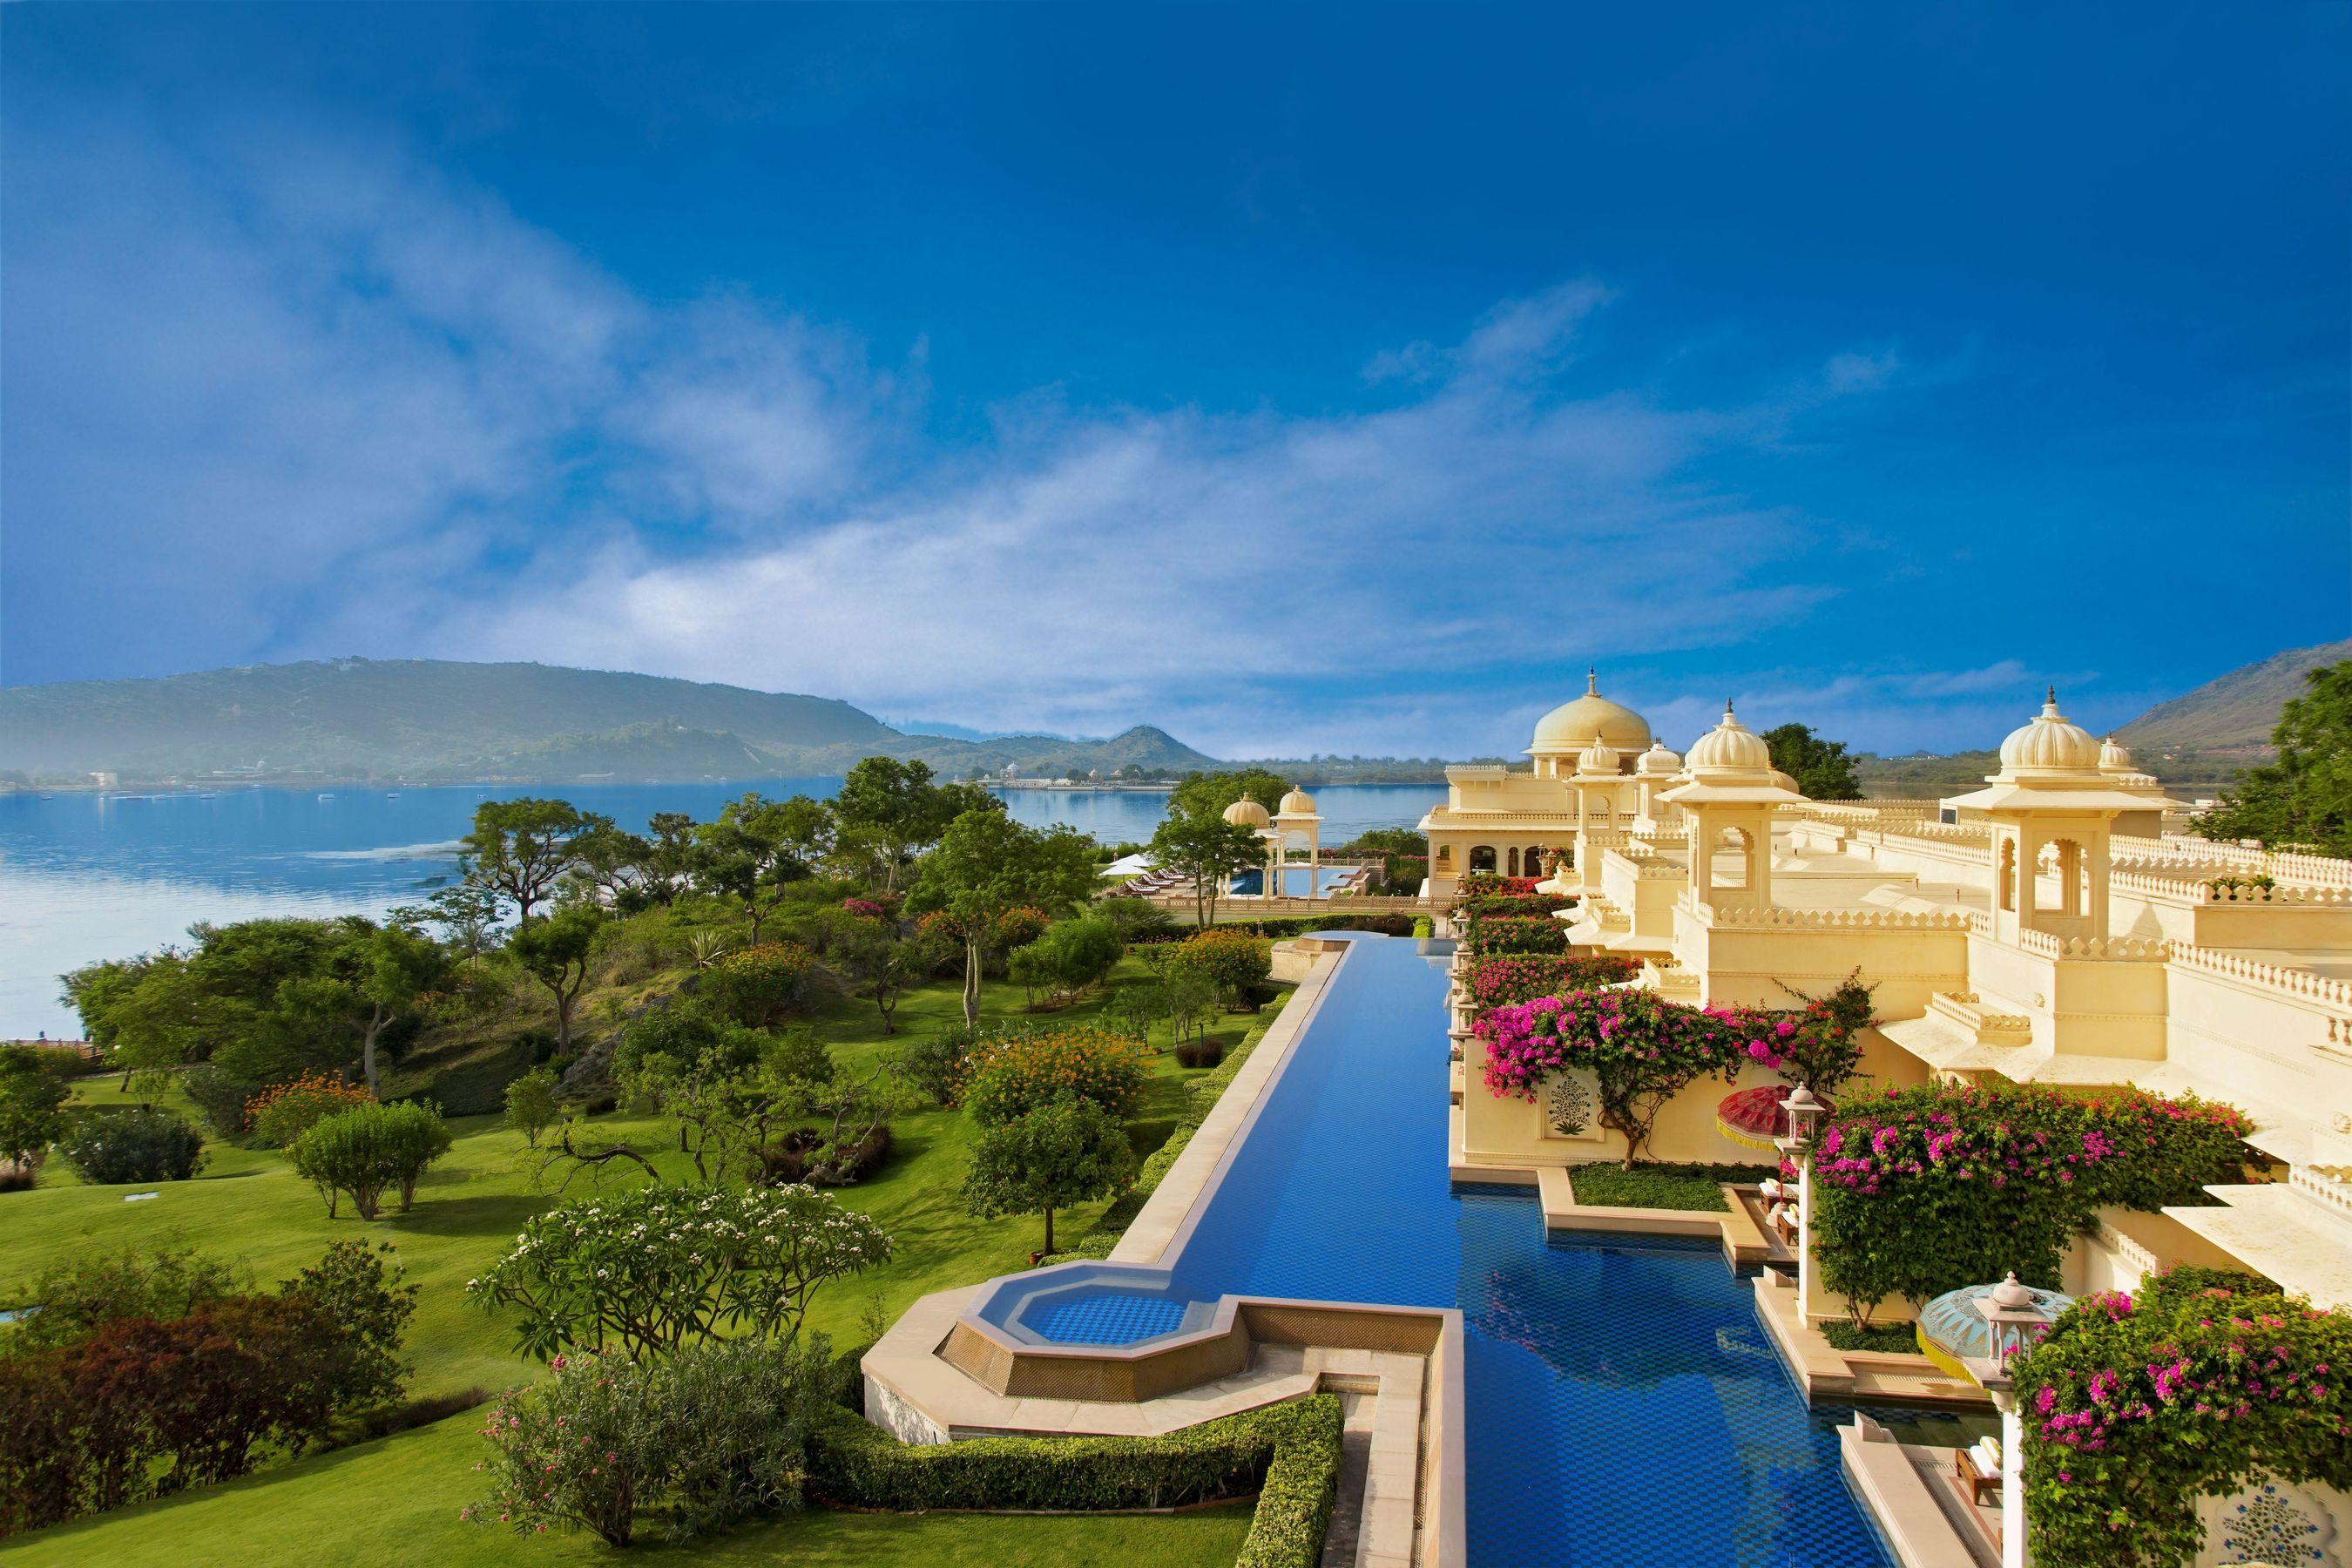 Oberoi Hotels & Resorts votado como la mejor marca hotelera del mundo en la lista World's Best